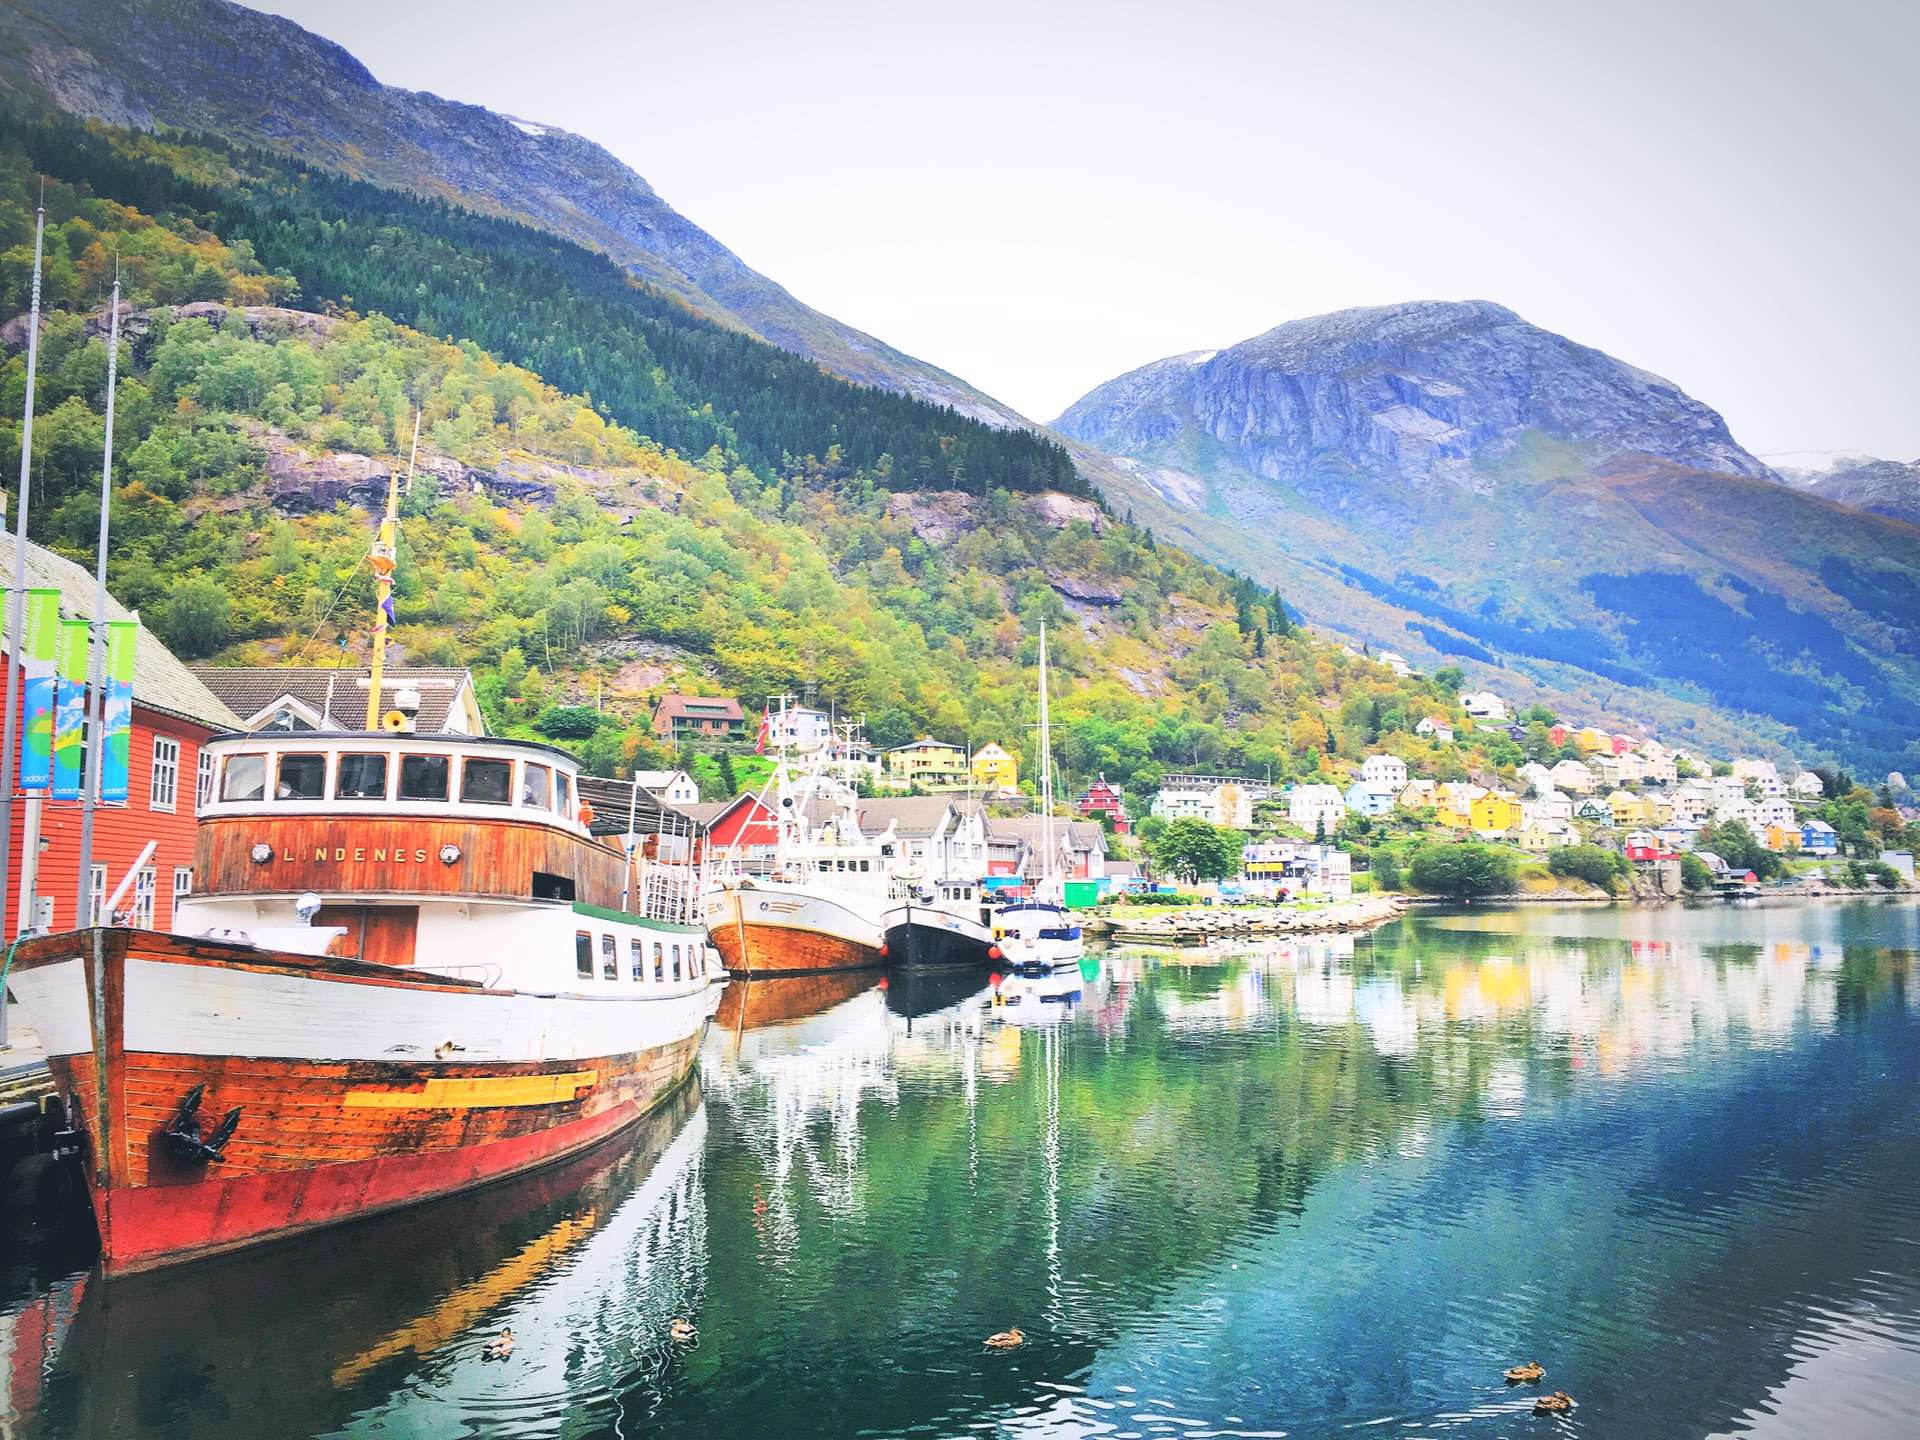 挪威观光胜地大盘点,果然是上帝留给人间的一片净土